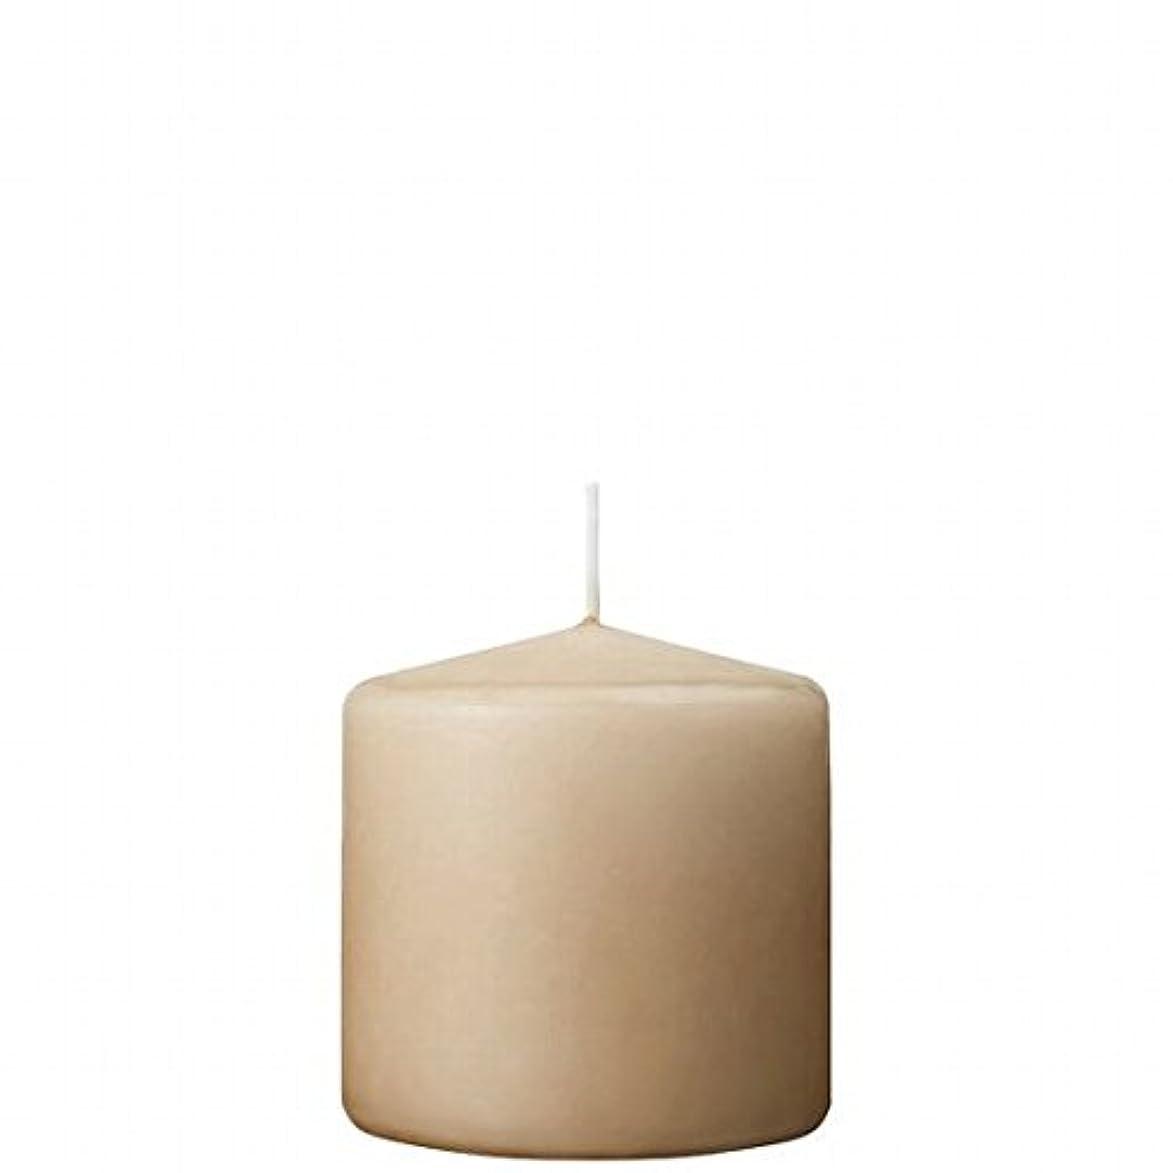 あたり特徴評価カメヤマキャンドル( kameyama candle ) 3×3ベルトップピラーキャンドル 「 ベージュ 」